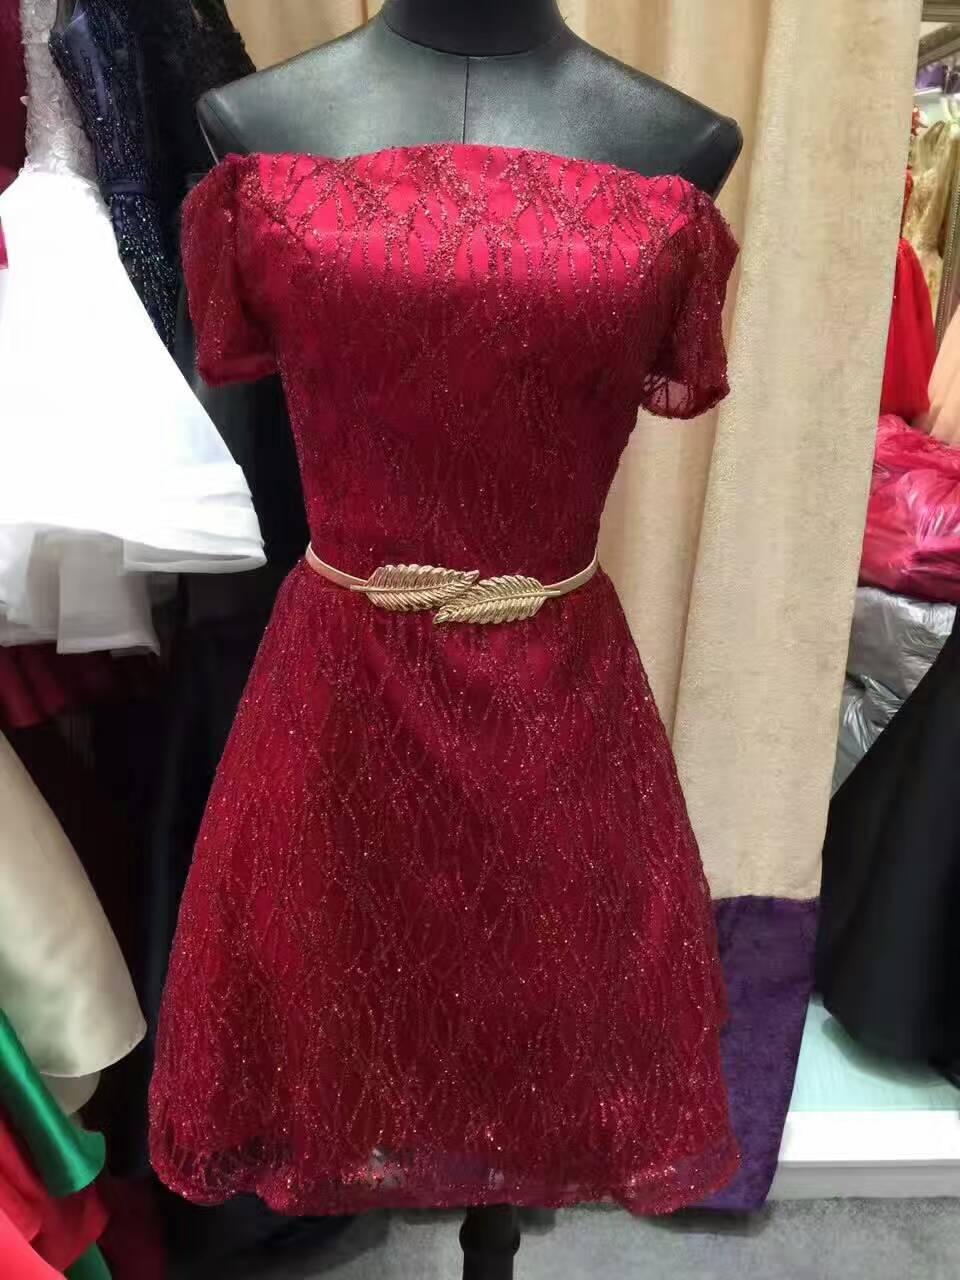 6879 5 Yardas Yan002 Color Rojo Vino 21 Brillo Pegado Mano Estampado Francés Tul Malla Encaje Para Mostrarboda Vestido De Nochefiesta In Tela